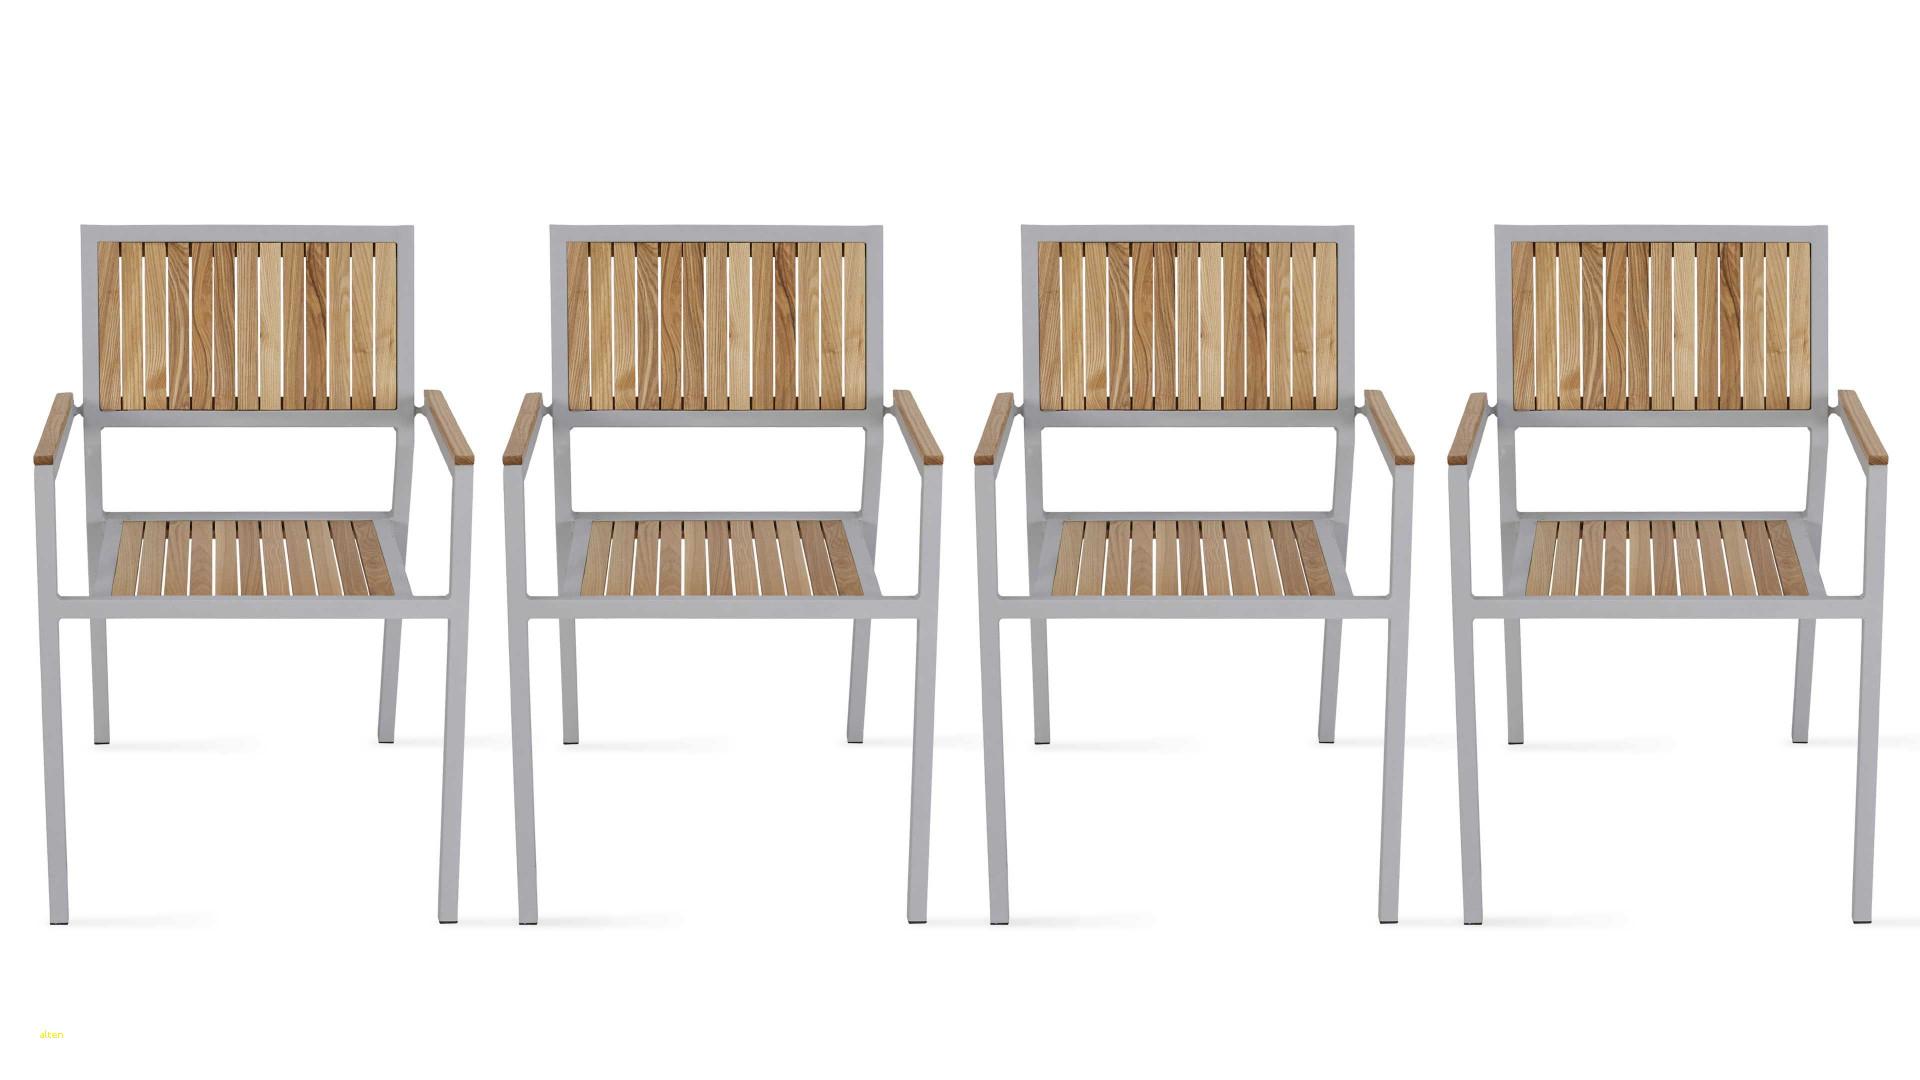 Cheval à Bascule En Bois Ikea Meilleur De Photographie 30 Fantastique Chaise Longue Extérieur Décoration